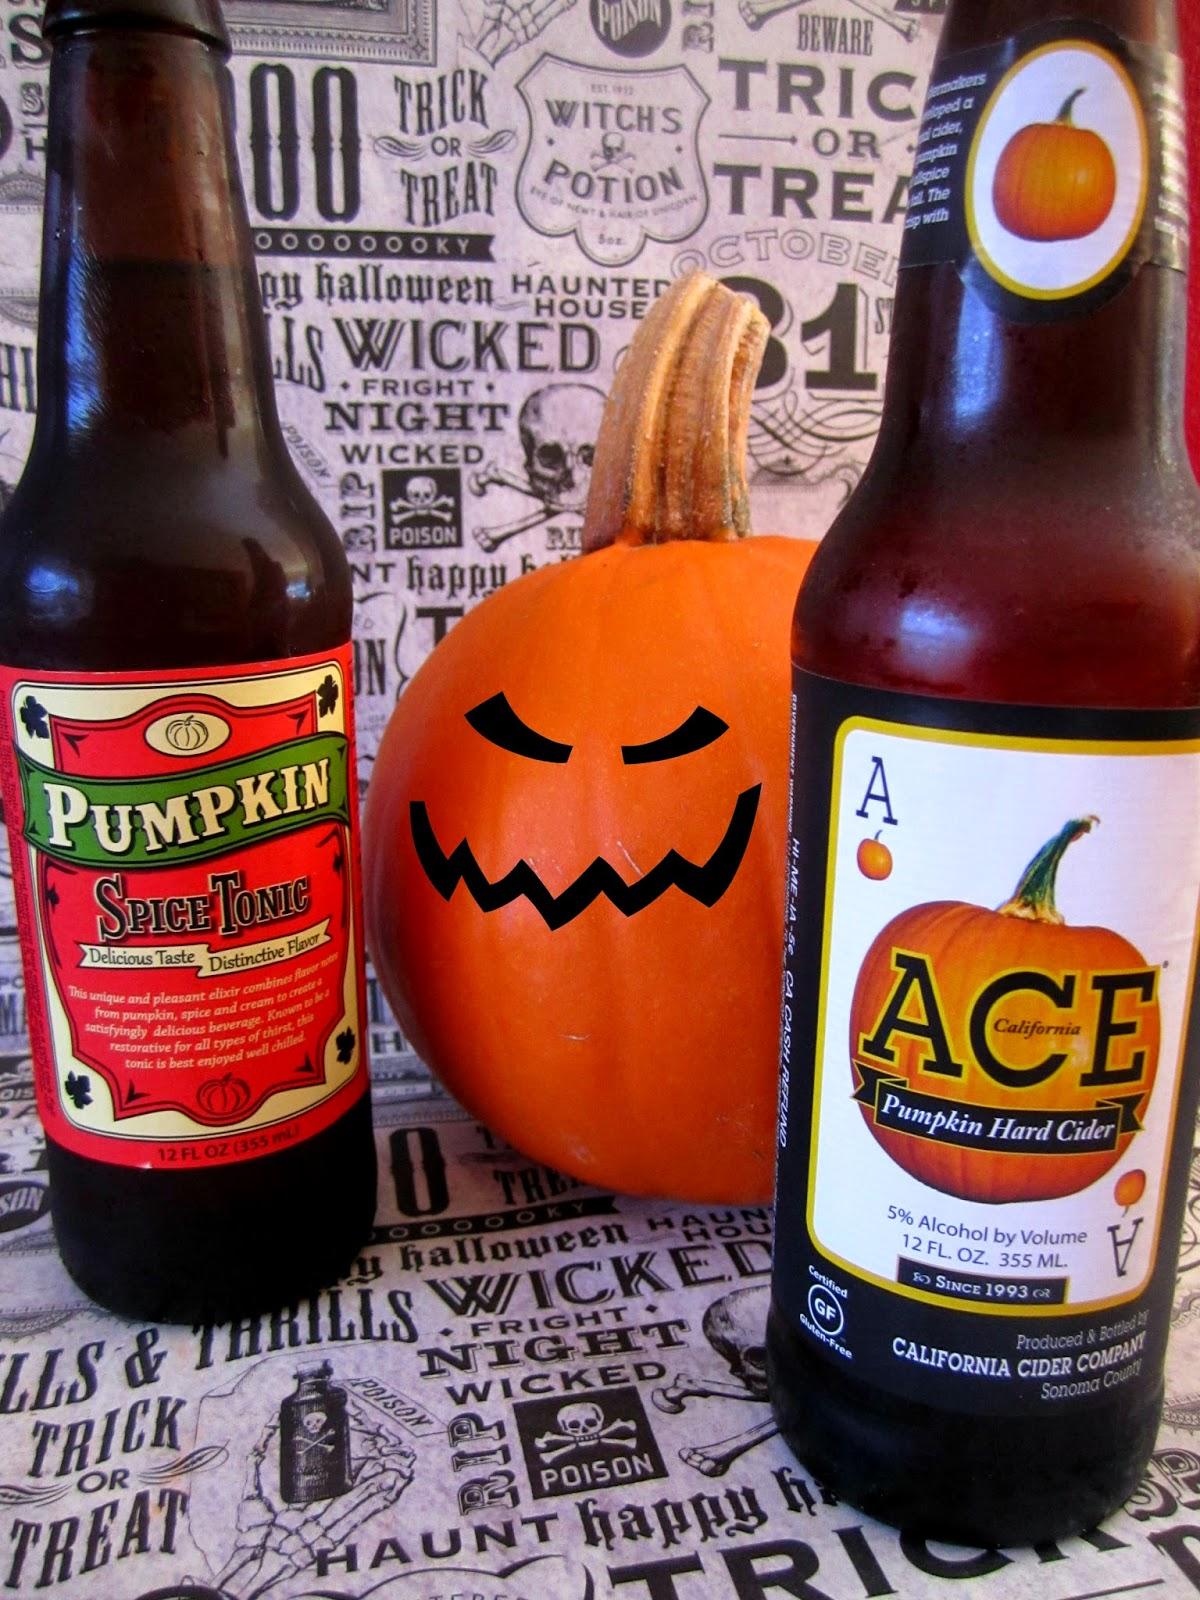 Pumpkin Hard Cider, Pumpkin Soda